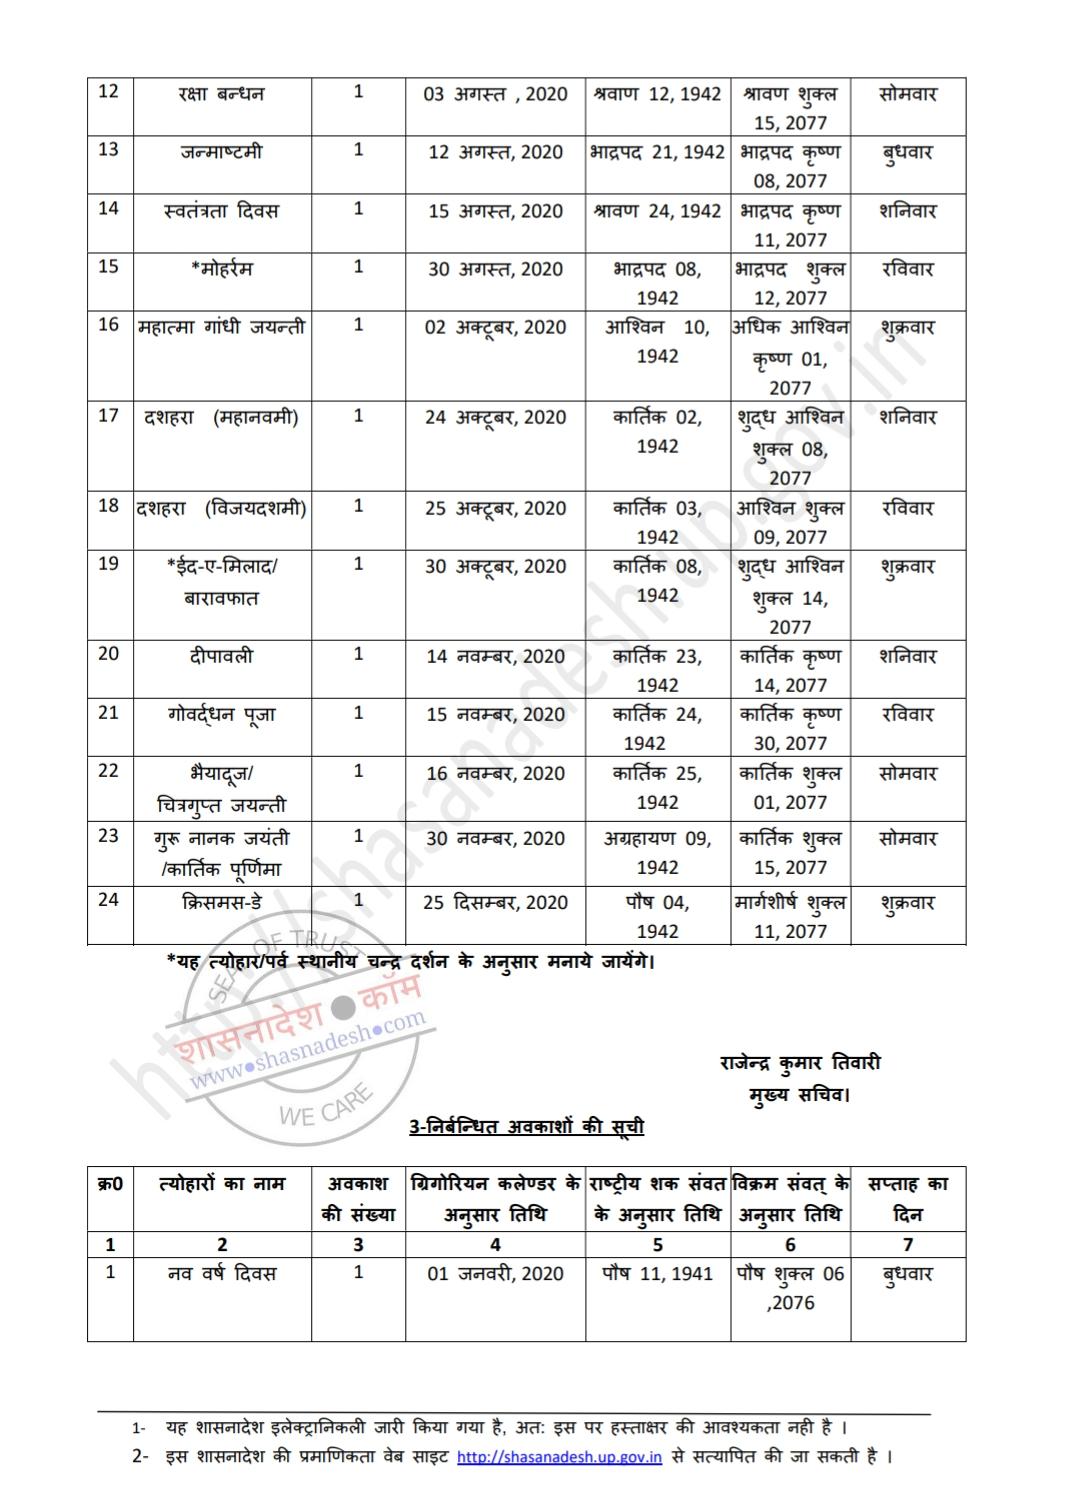 UP-Government-Holidays-2020 : उत्तर प्रदेश शासन द्वारा जारी वर्ष 2020 की सार्वजनिक अवकाश तालिका देखने के लिए क्लिक करें